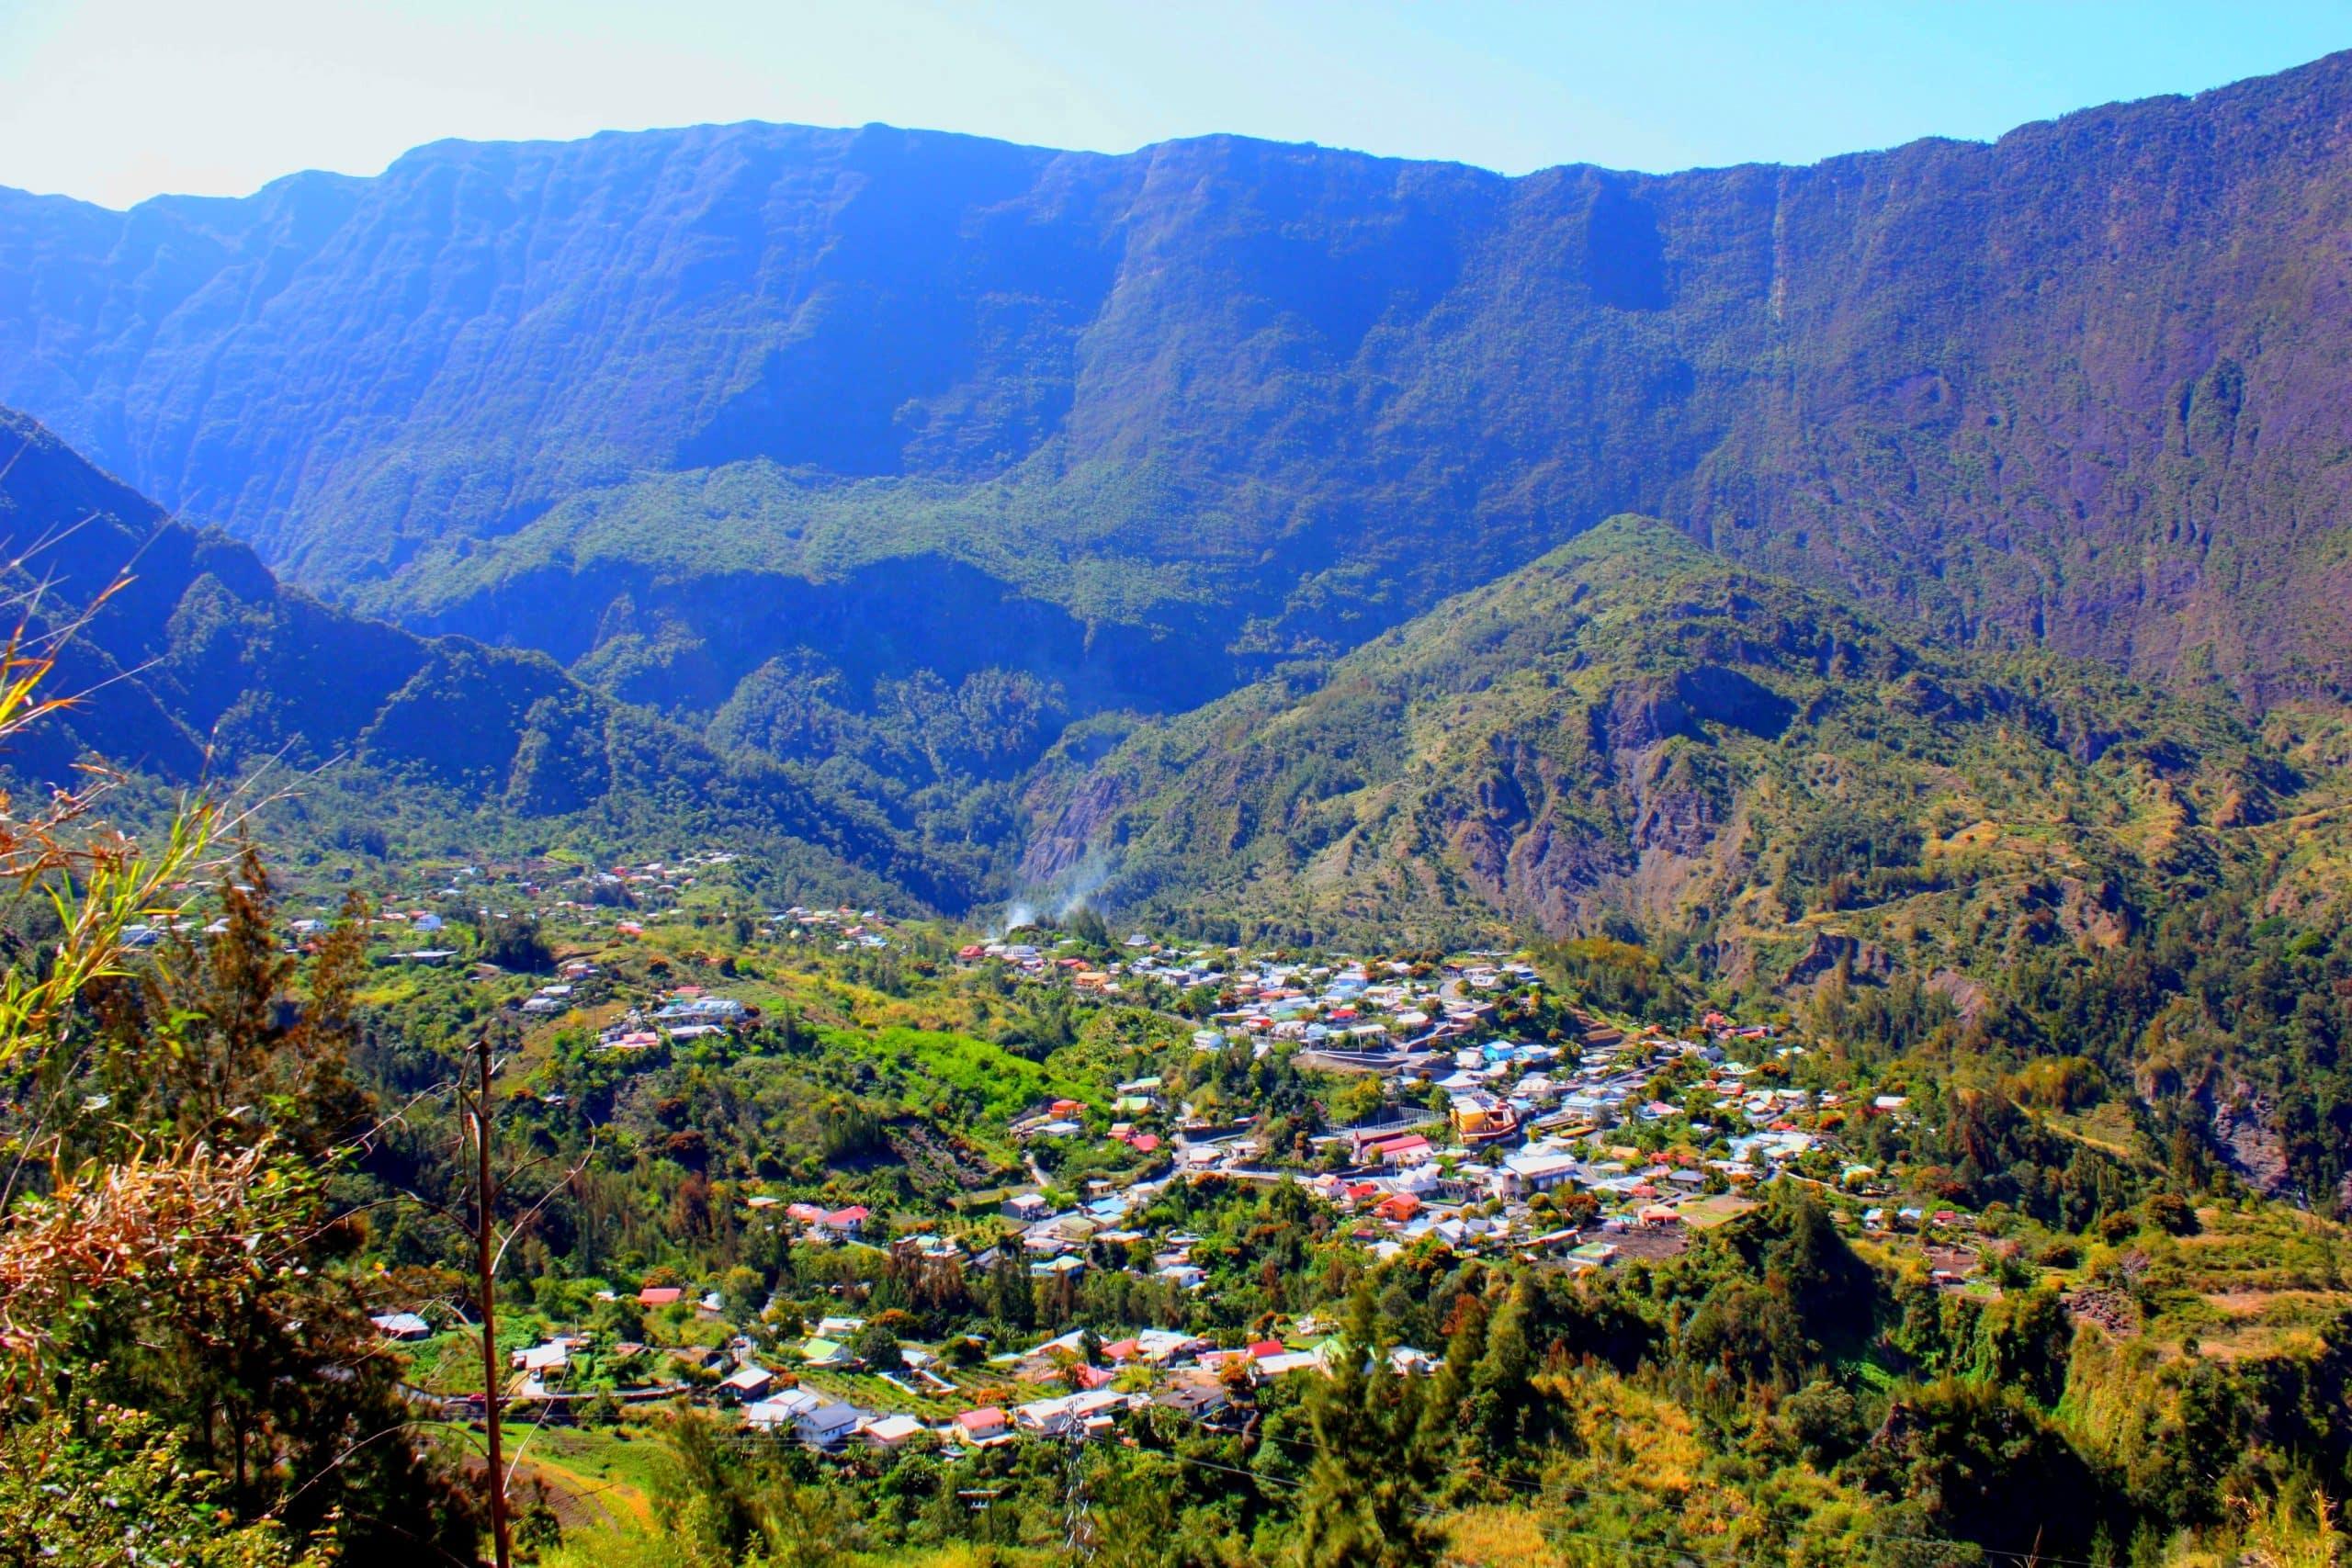 Habitant de l'île de la Réunion : comment mettre en place un chauffage solaire ?